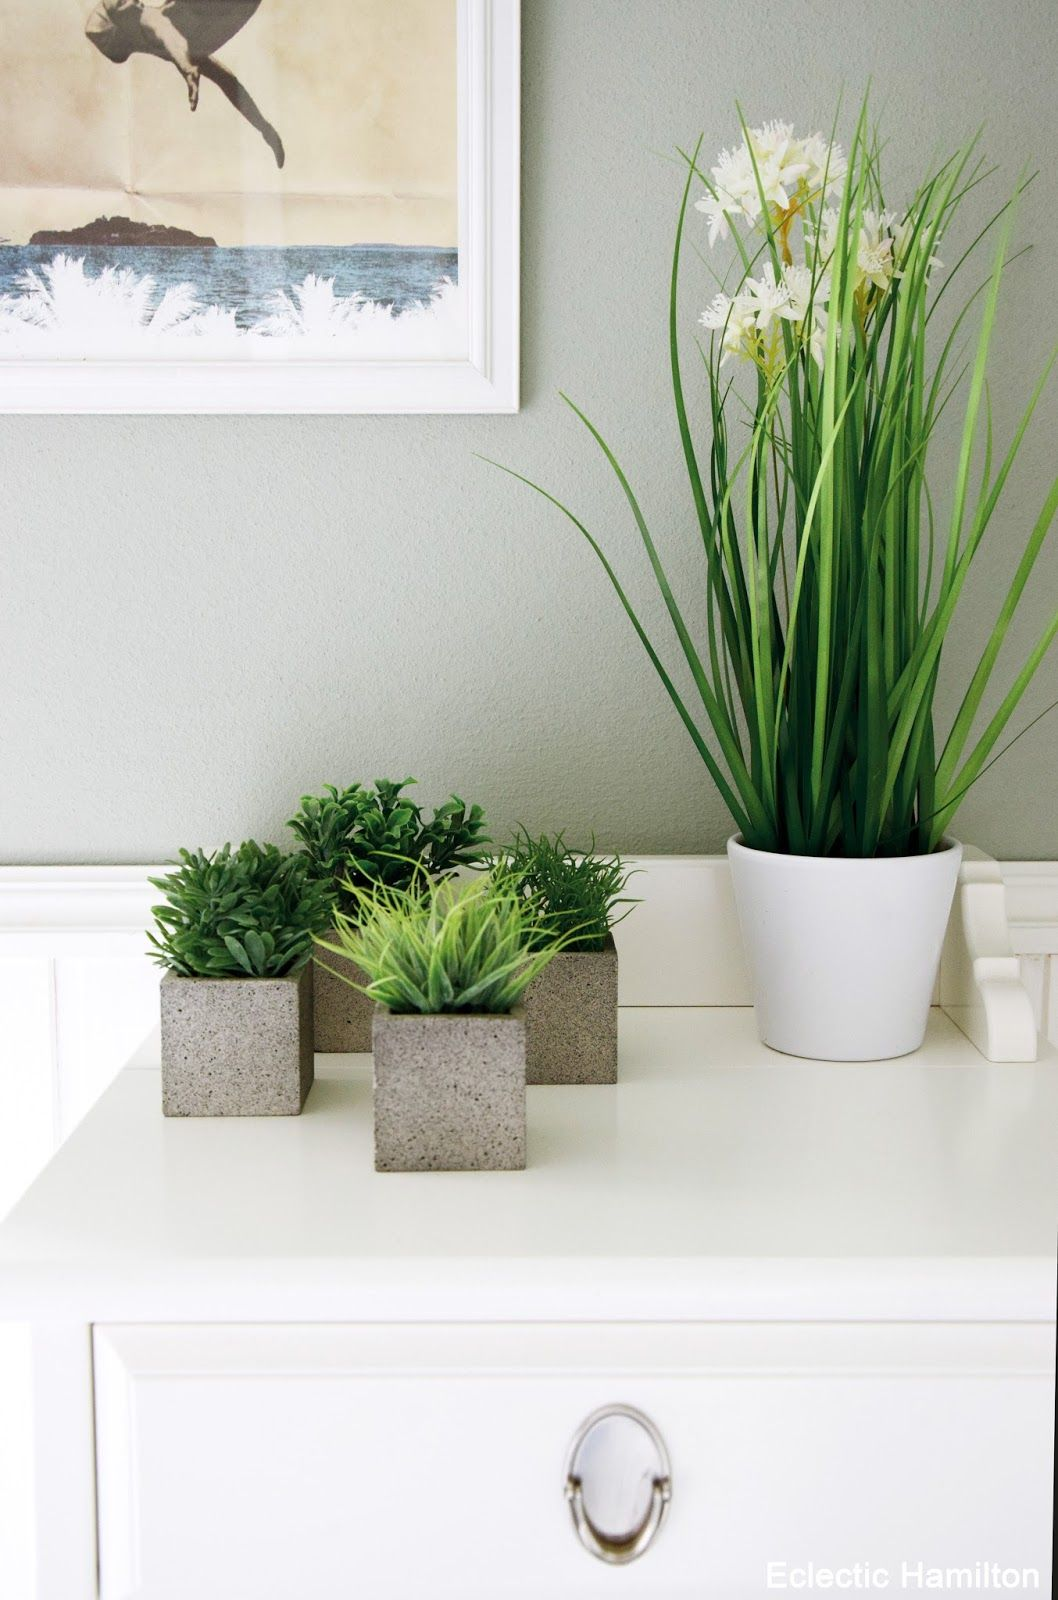 Pflanzen für mein Badezimmer und Einblicke (... endlich mal wieder ...